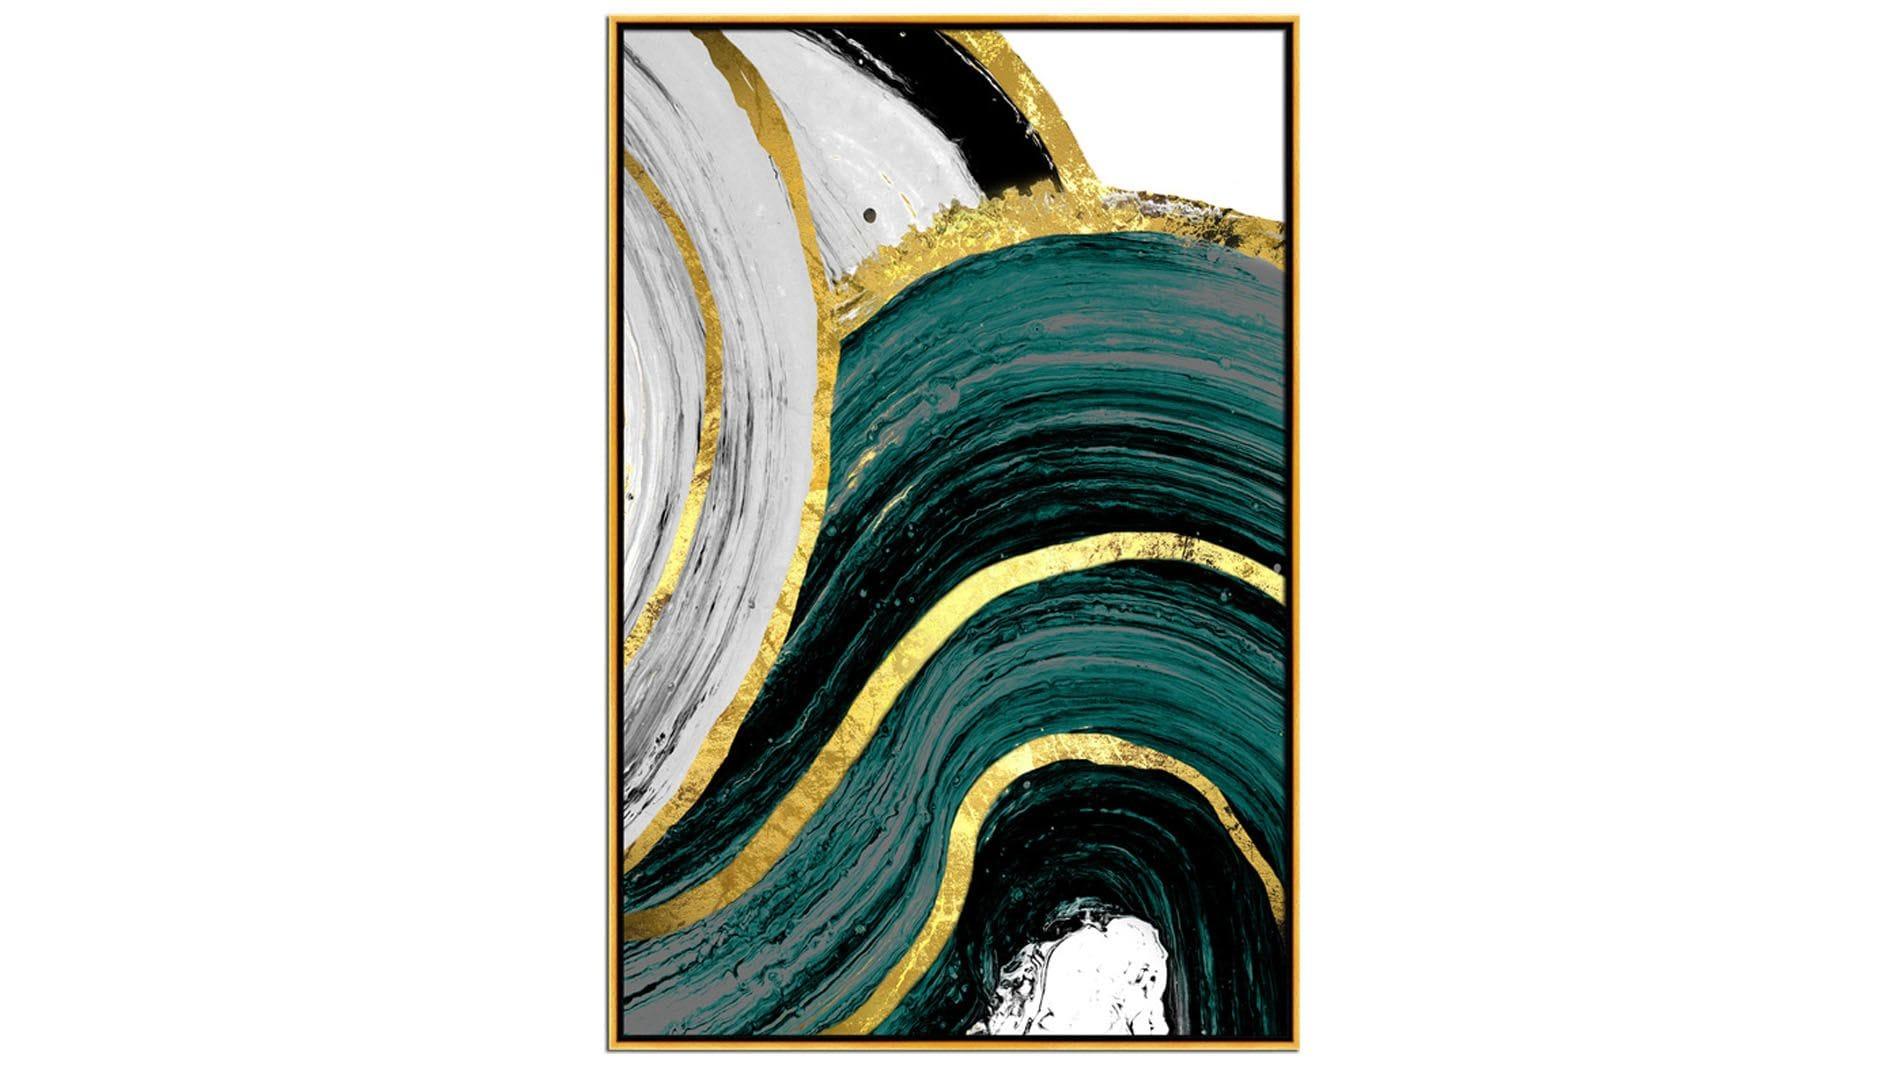 Постер на стену художественная абстракция-2 60х80СМ